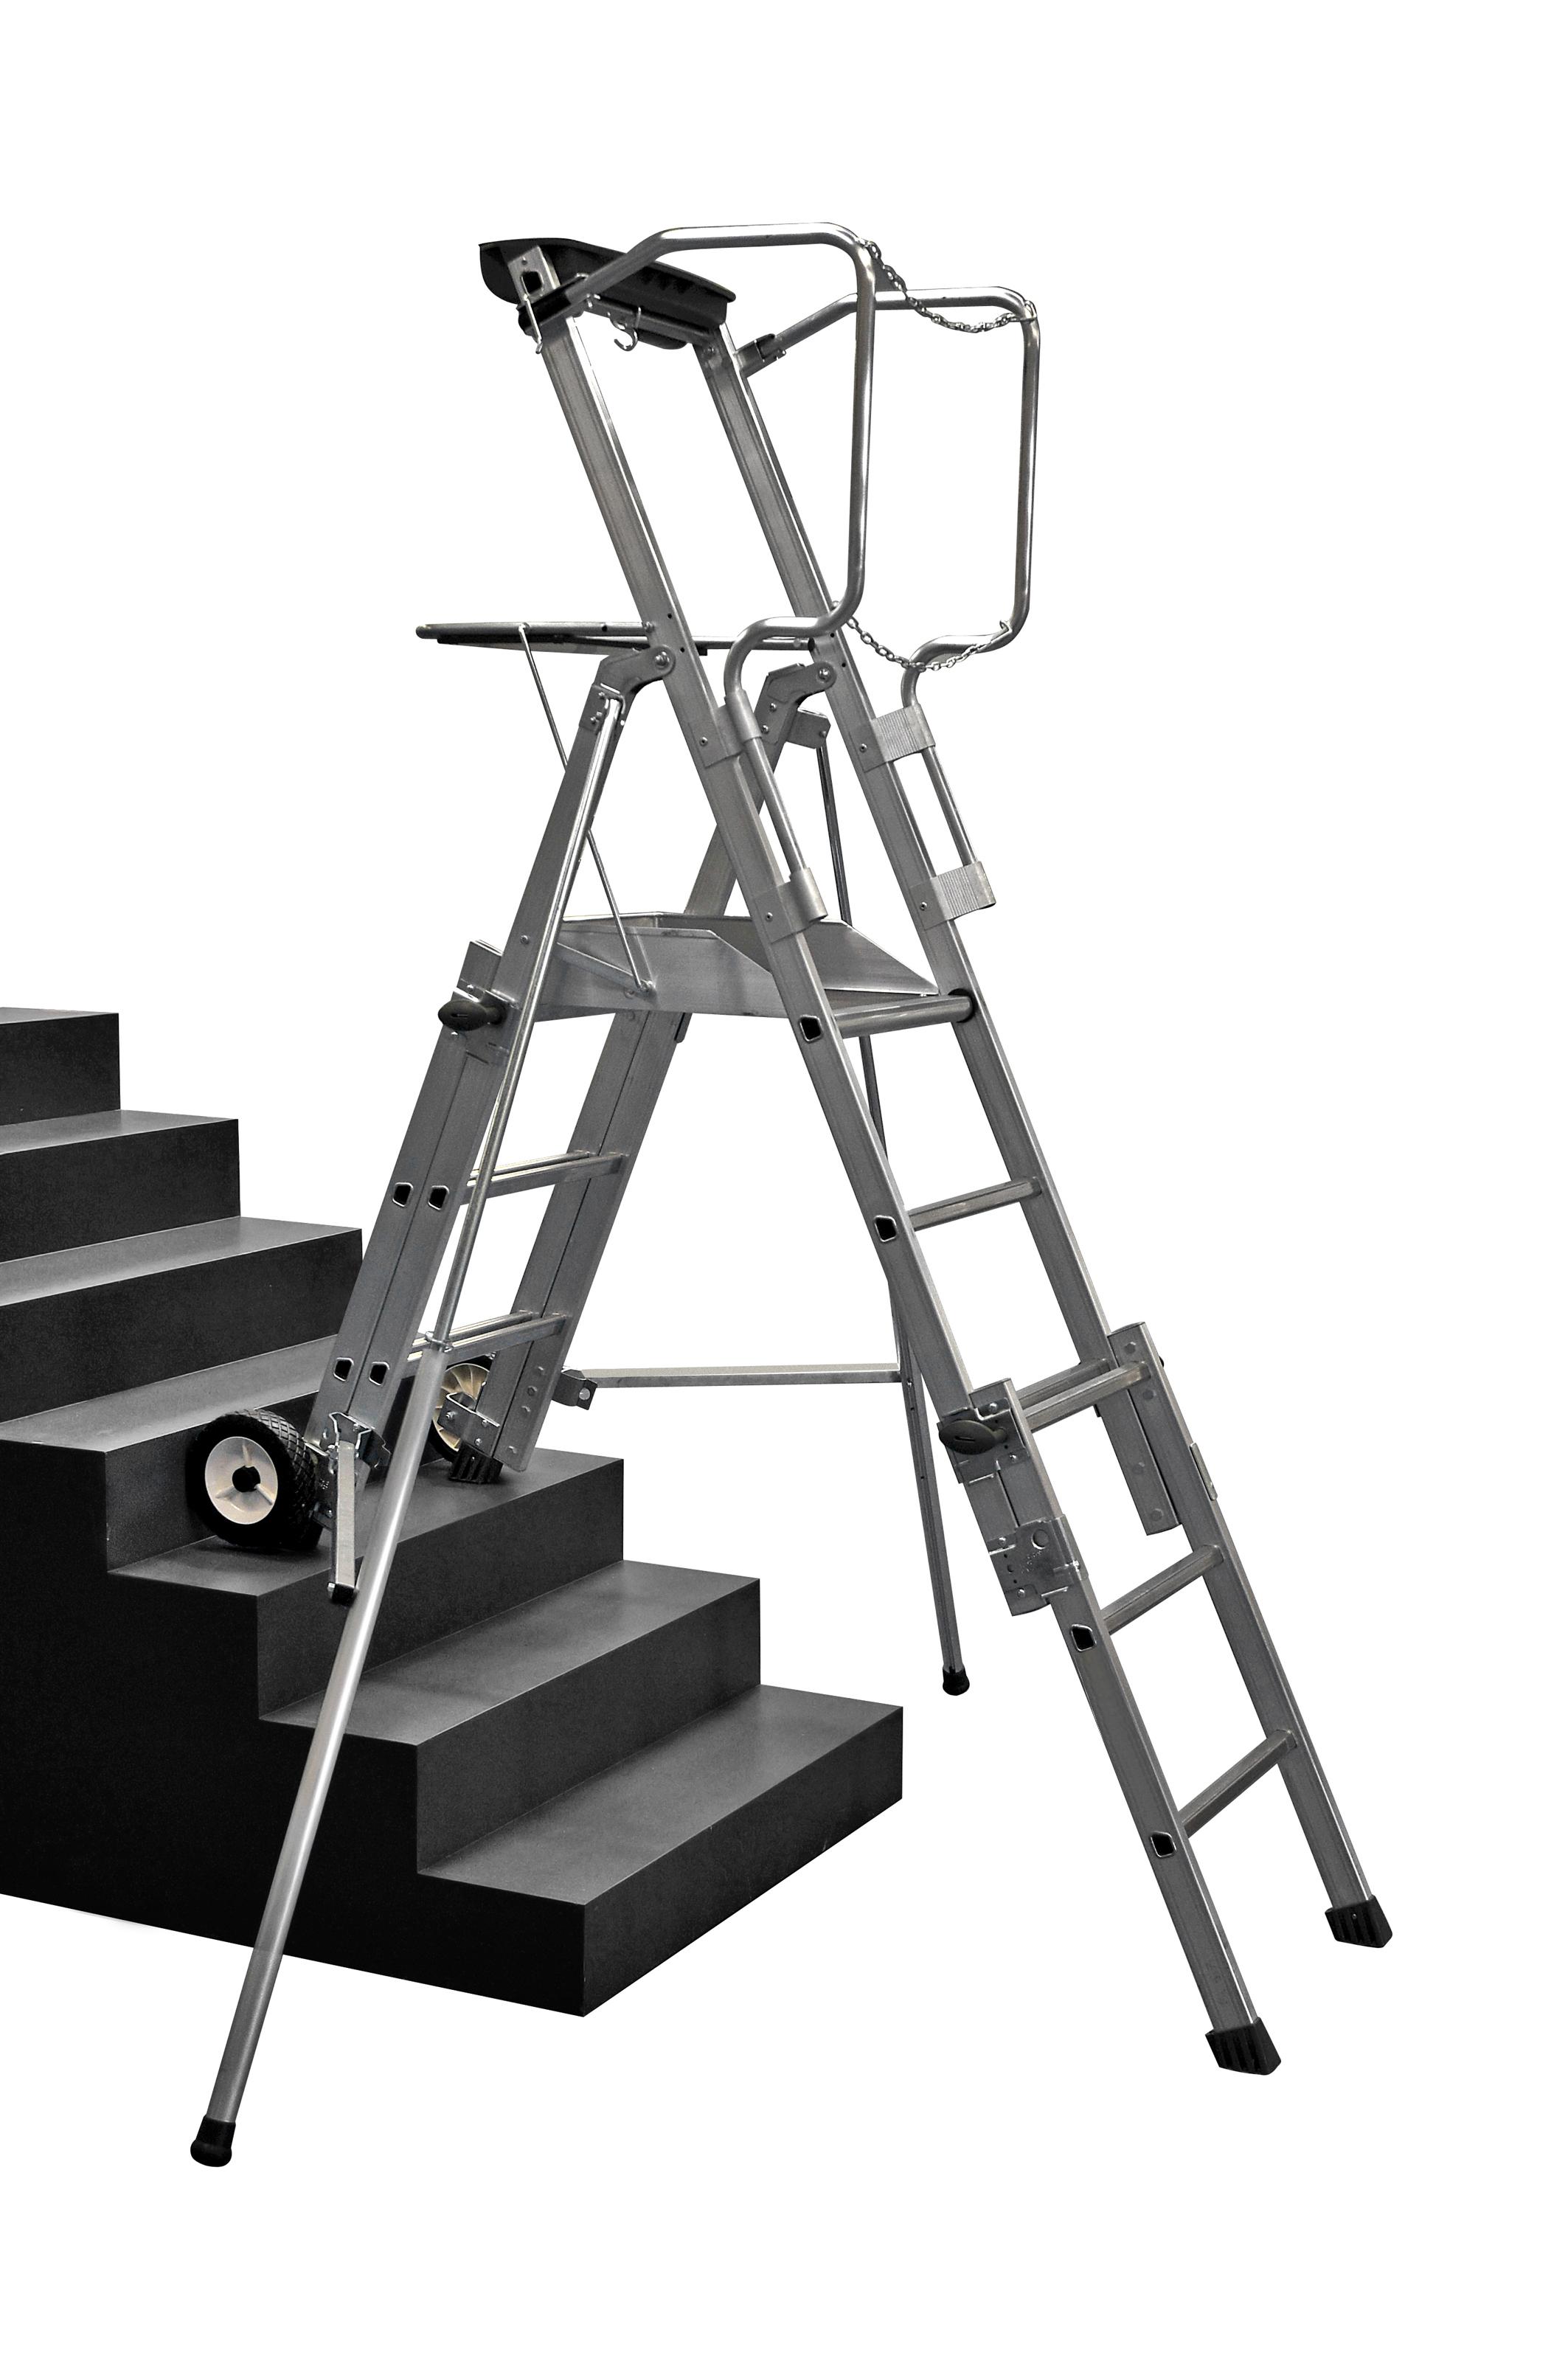 Adjustable Height Telescopic Work Platforms Uk